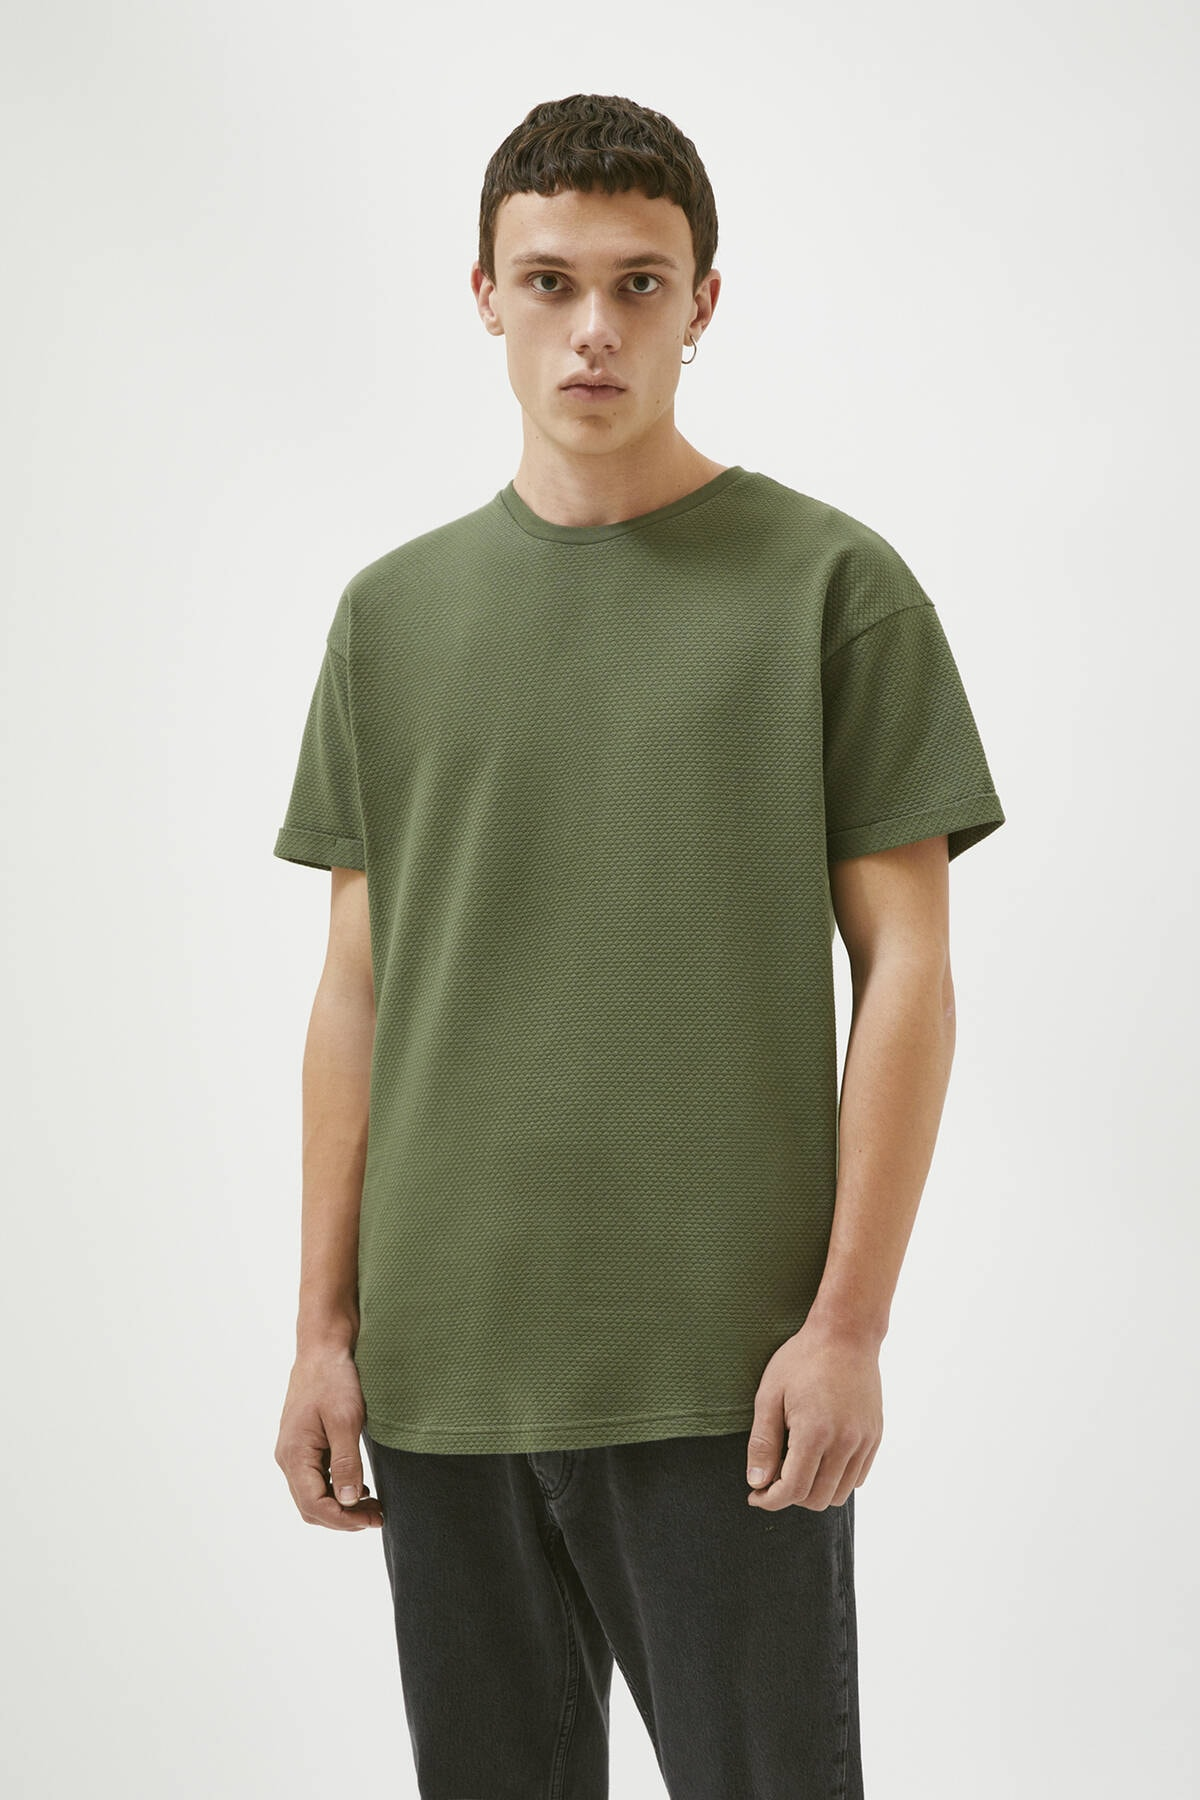 Pull & Bear Erkek Haki Dokulu Muscle Fit T-Shirt 09249556